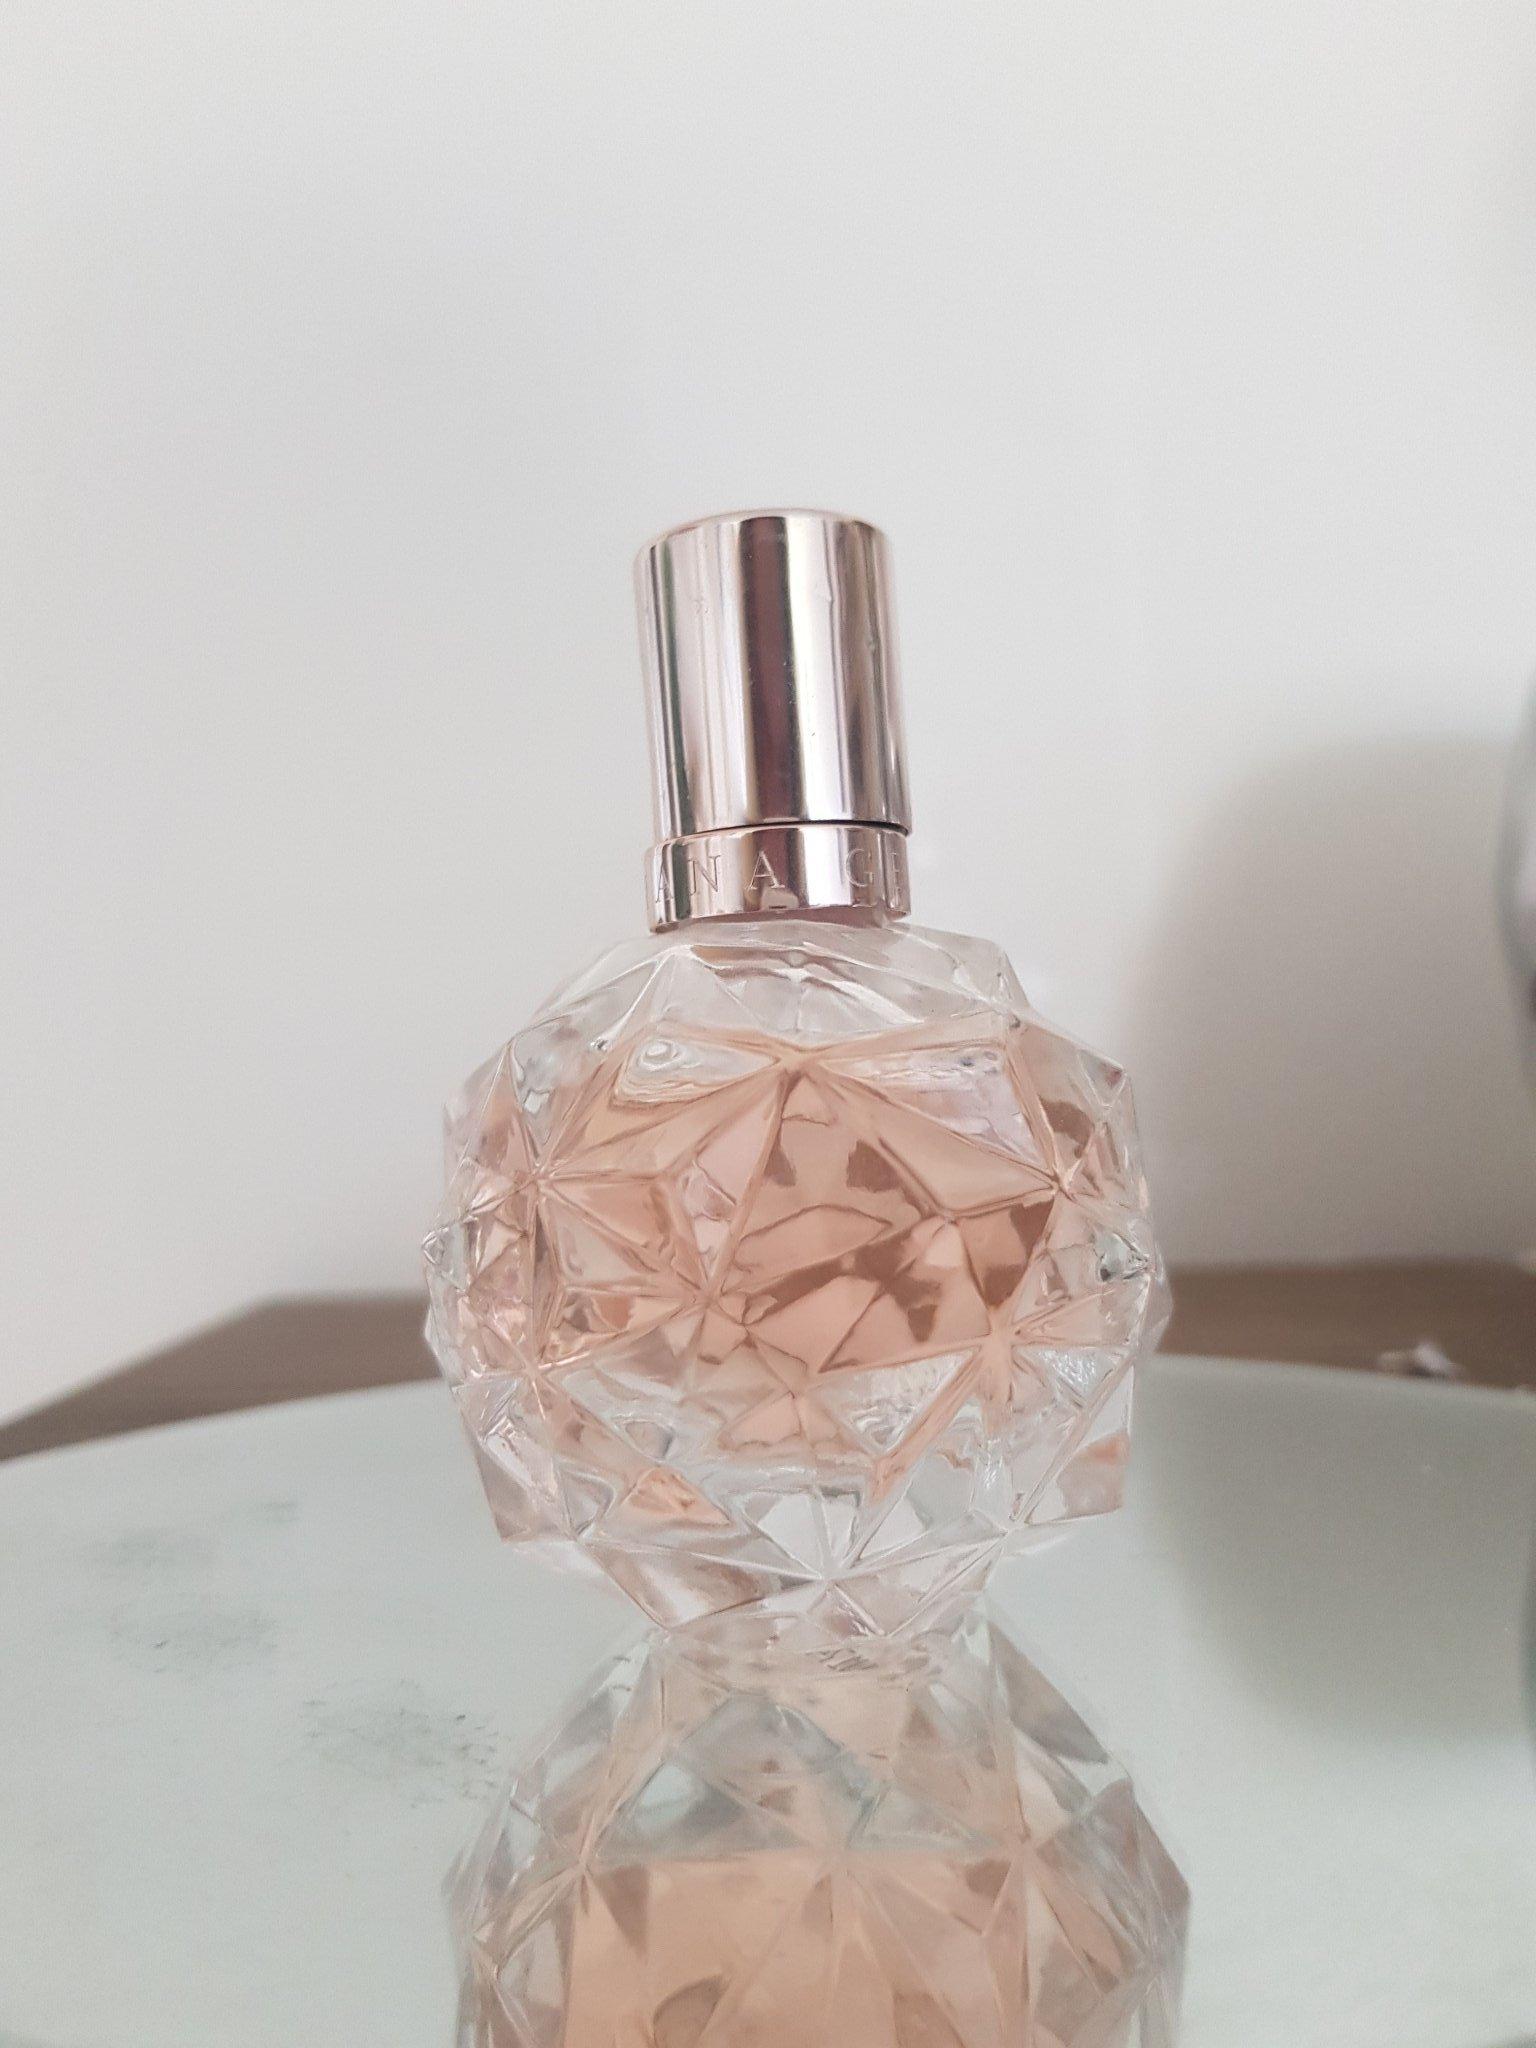 Ariana Grande Ari EdP 30 ml parfym (398311970) ᐈ Köp på Tradera